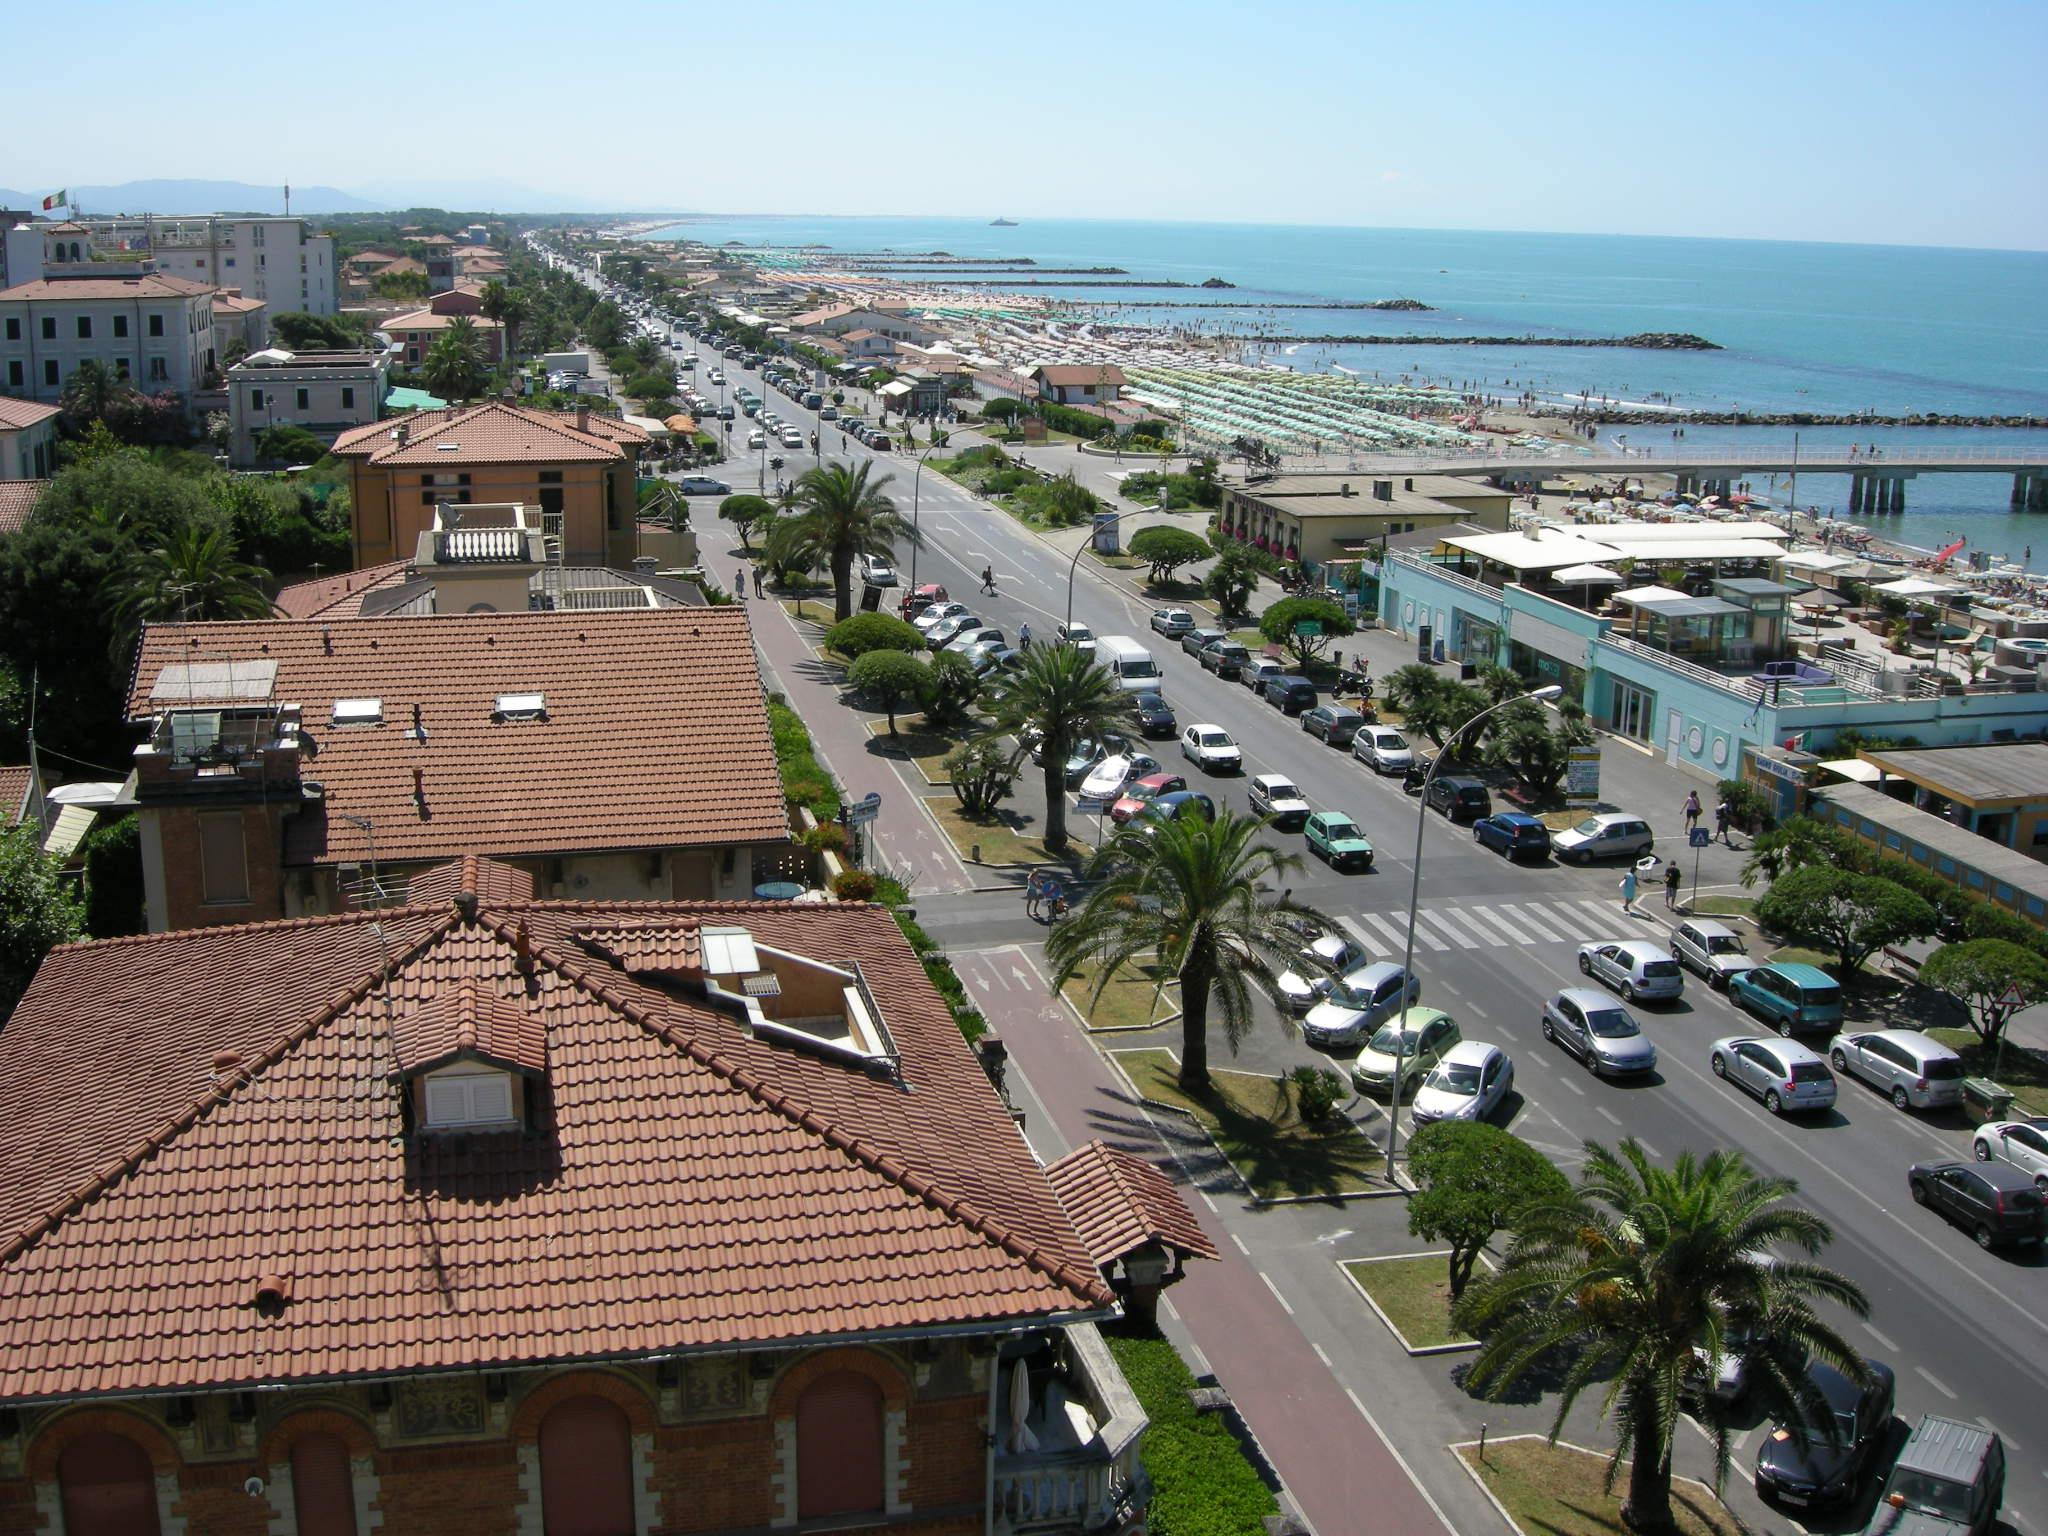 Hotel Excelsior Marina Di Maba Ristorante